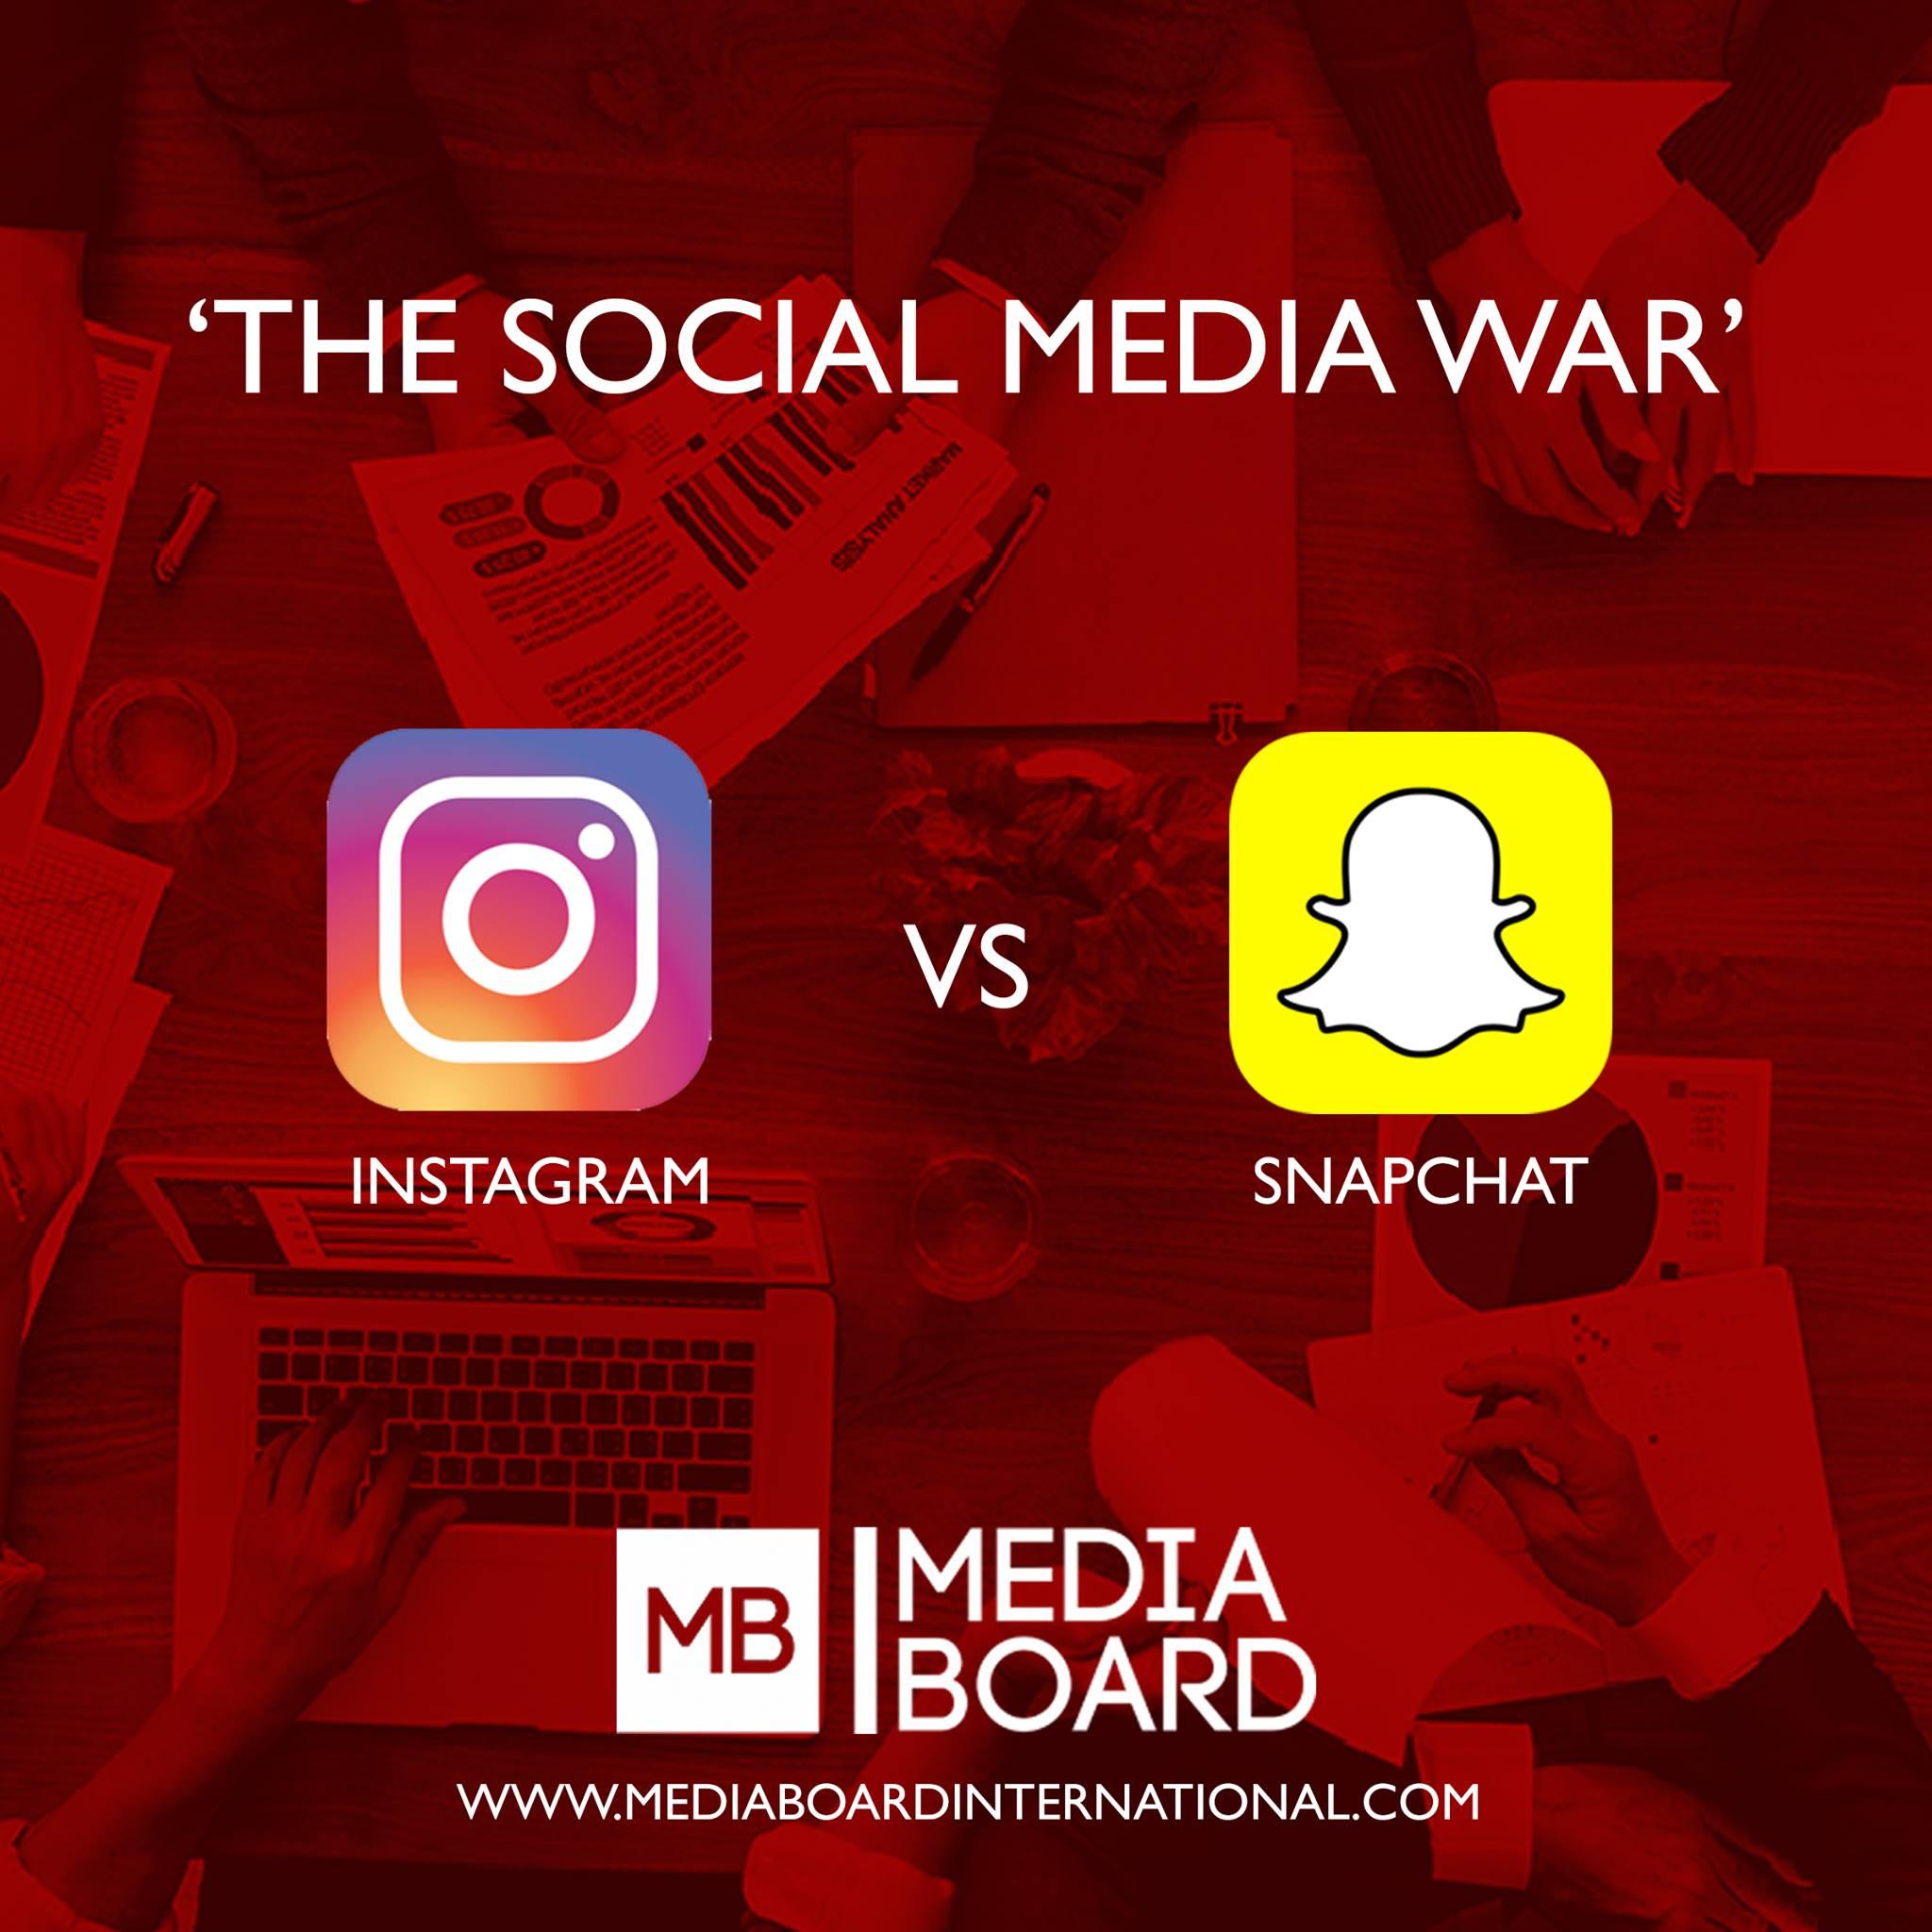 Instagram vs Snapchat – The Social Media War!